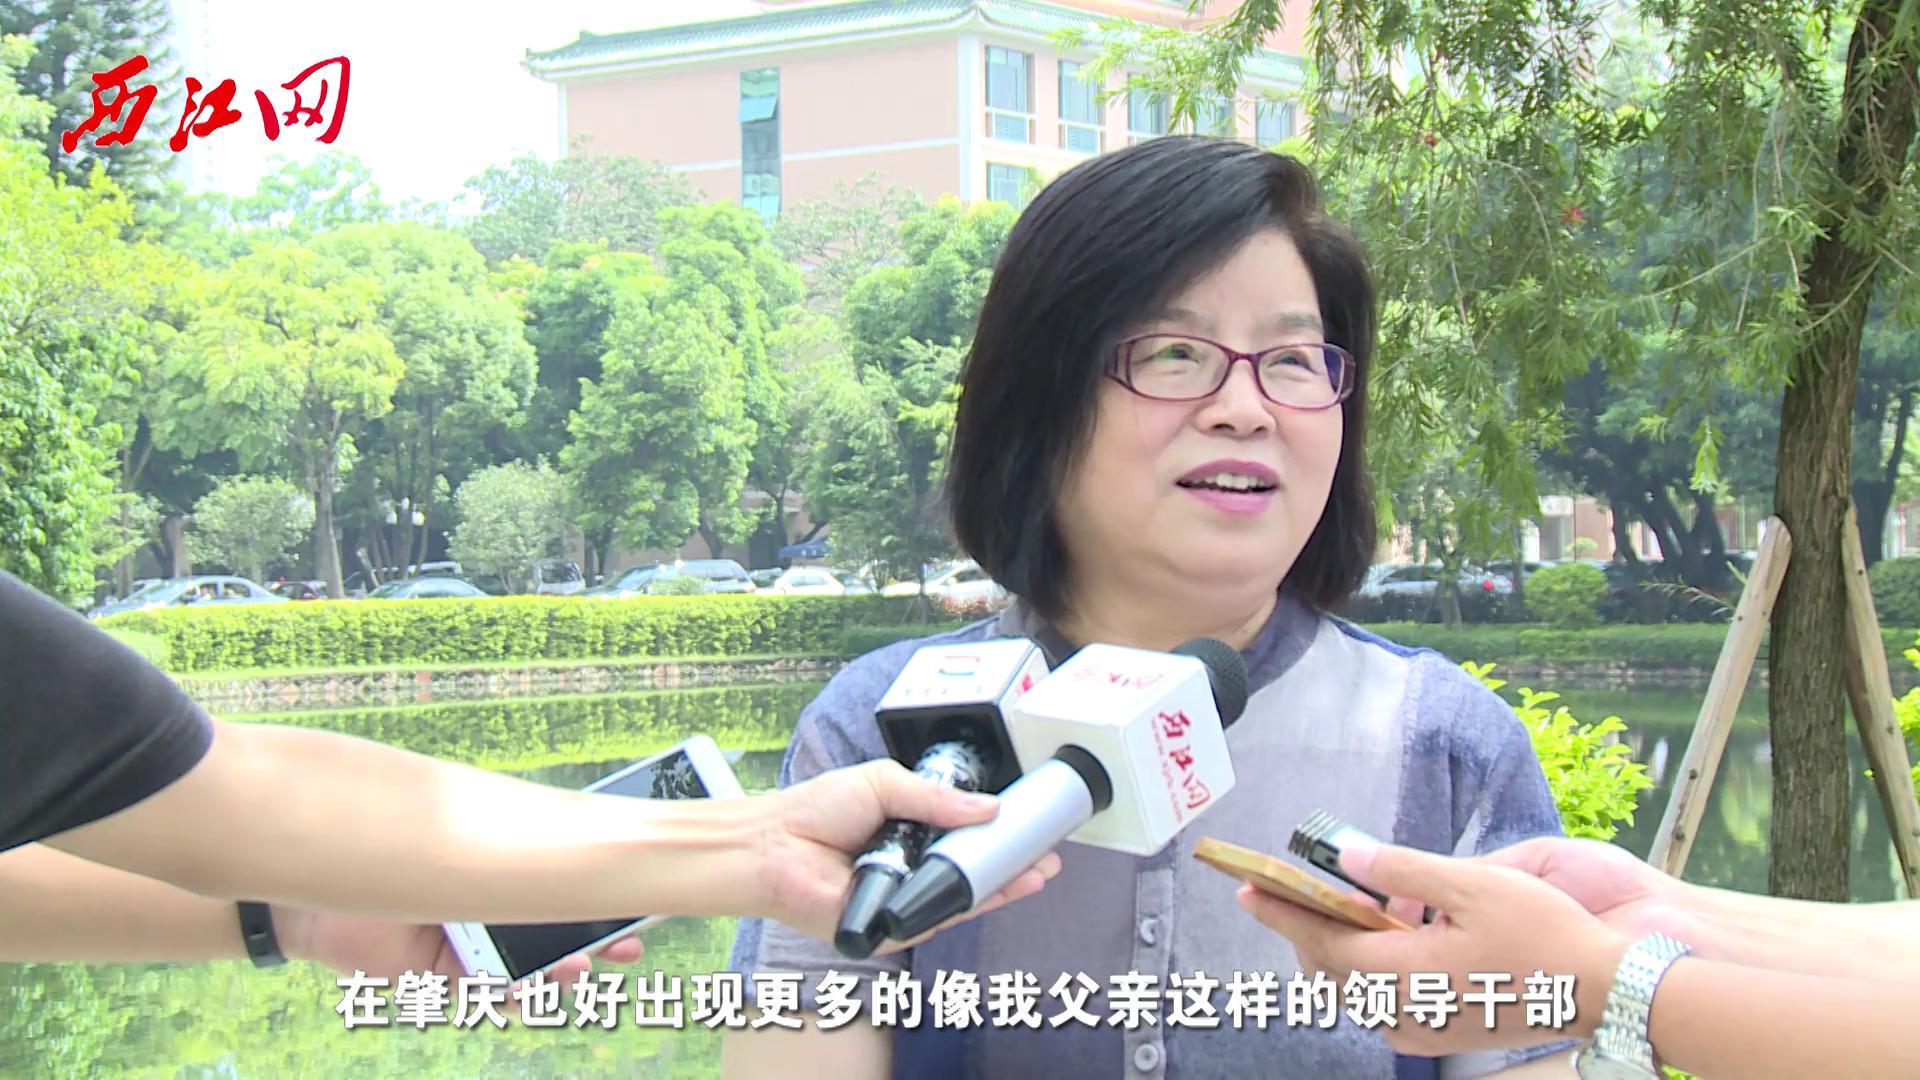 肇庆市举行焦裕禄事迹报告会 焦裕禄女儿作专题报告